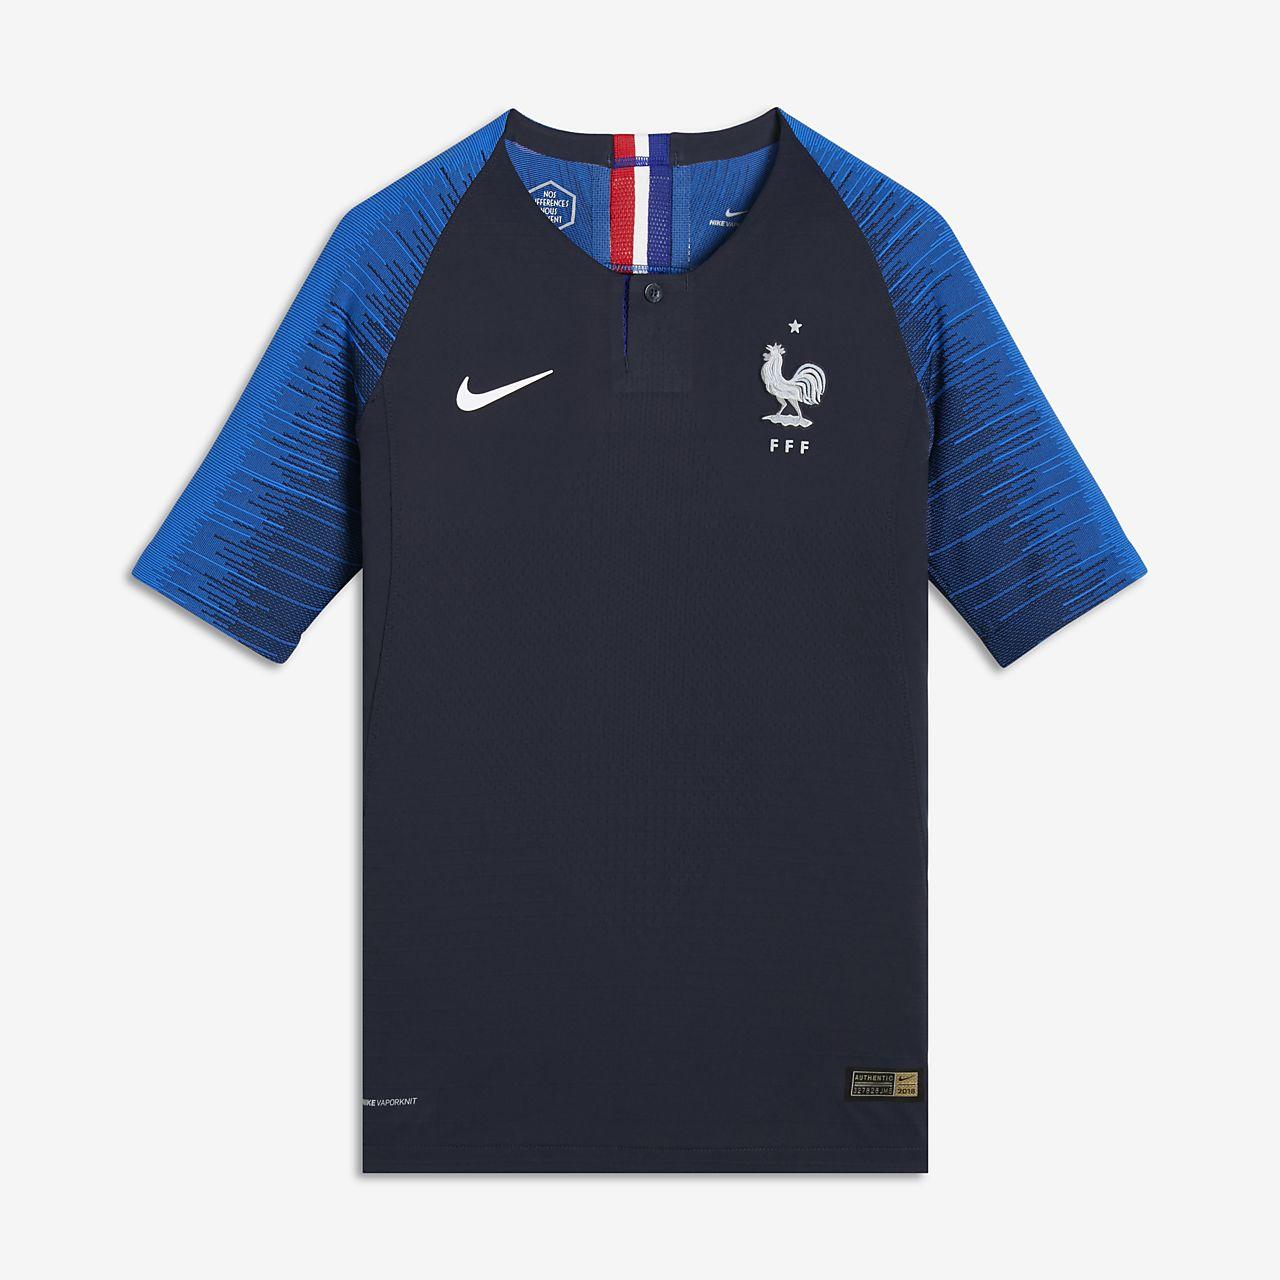 0c309df9fd4e2 Camiseta de fútbol para niños talla grande 2018 FFF Vapor Match Home ...